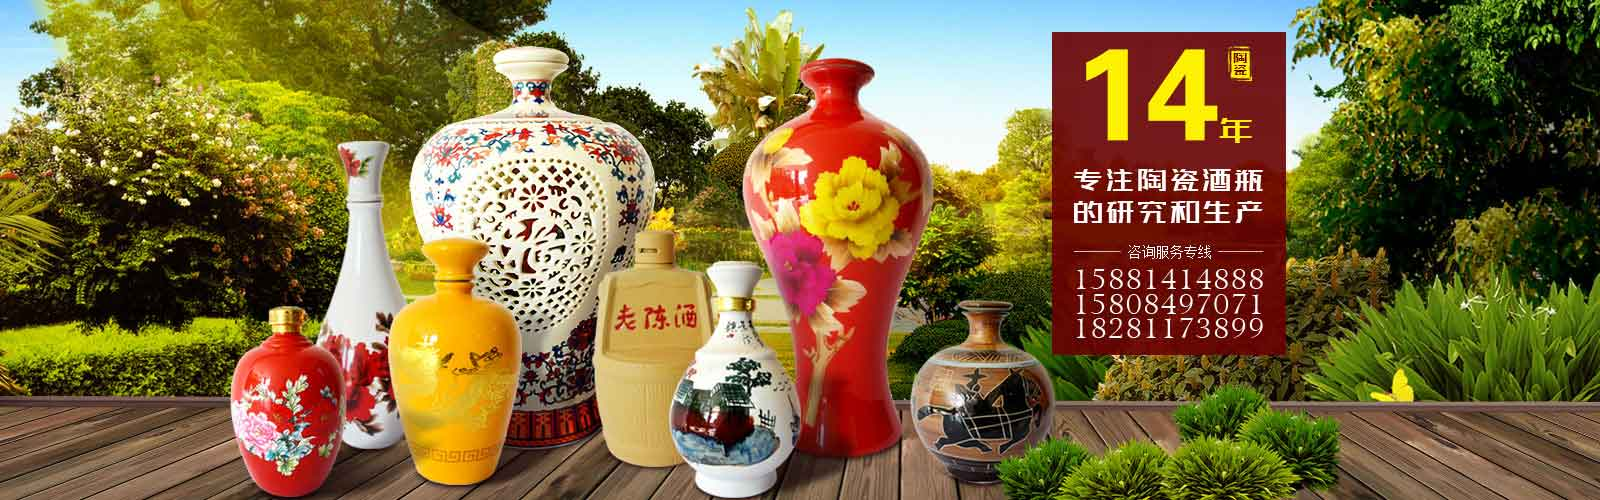 陶瓷酒瓶价格